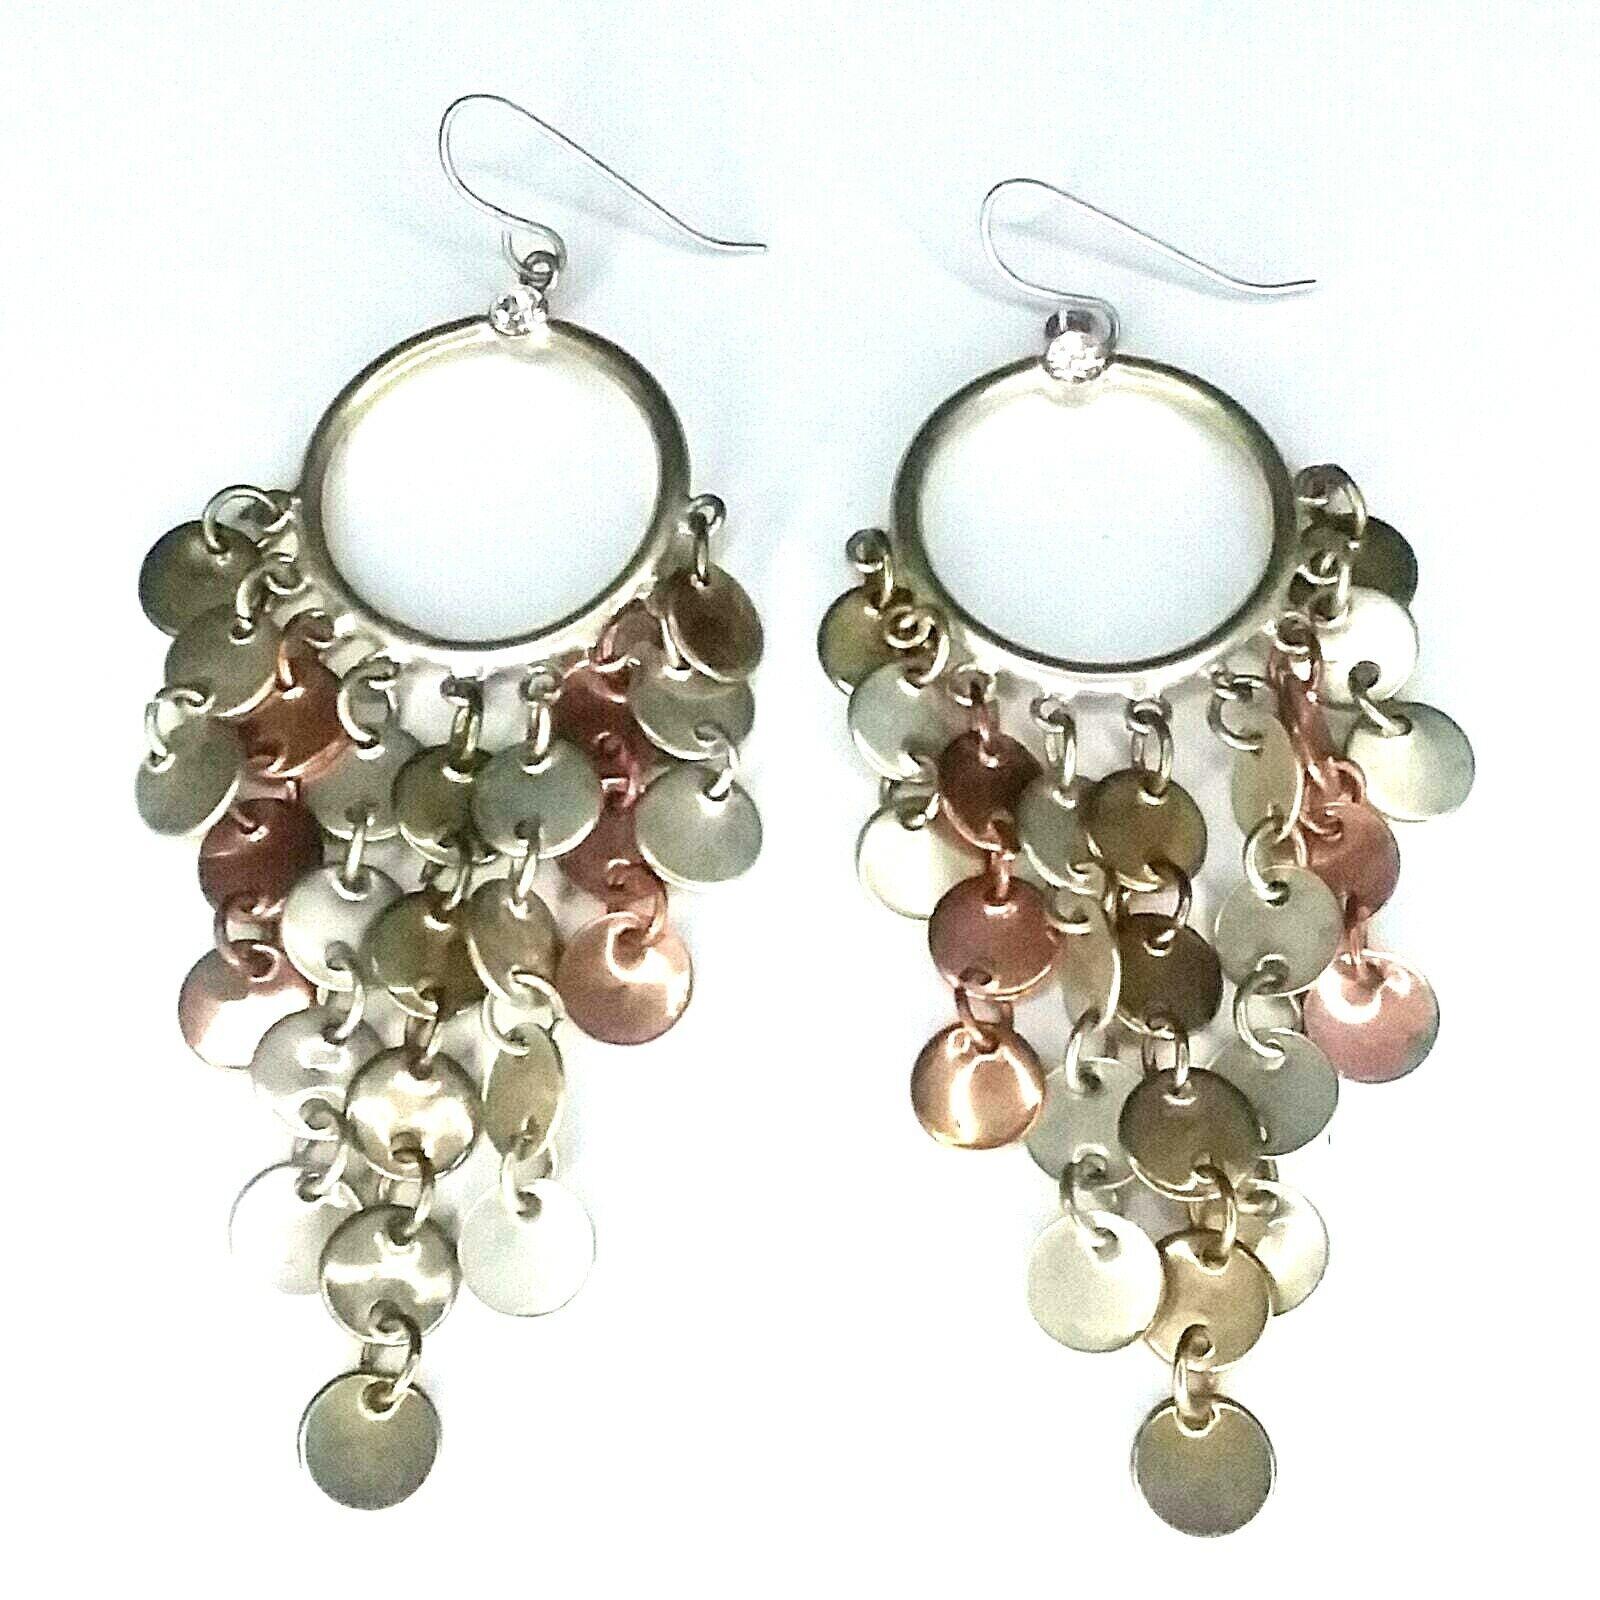 Geometric Statement Earrings Sterling Silver Dangle Earrings Silver Earrings Organic Shapes Earrings Long Earrings Amethyst Earrings